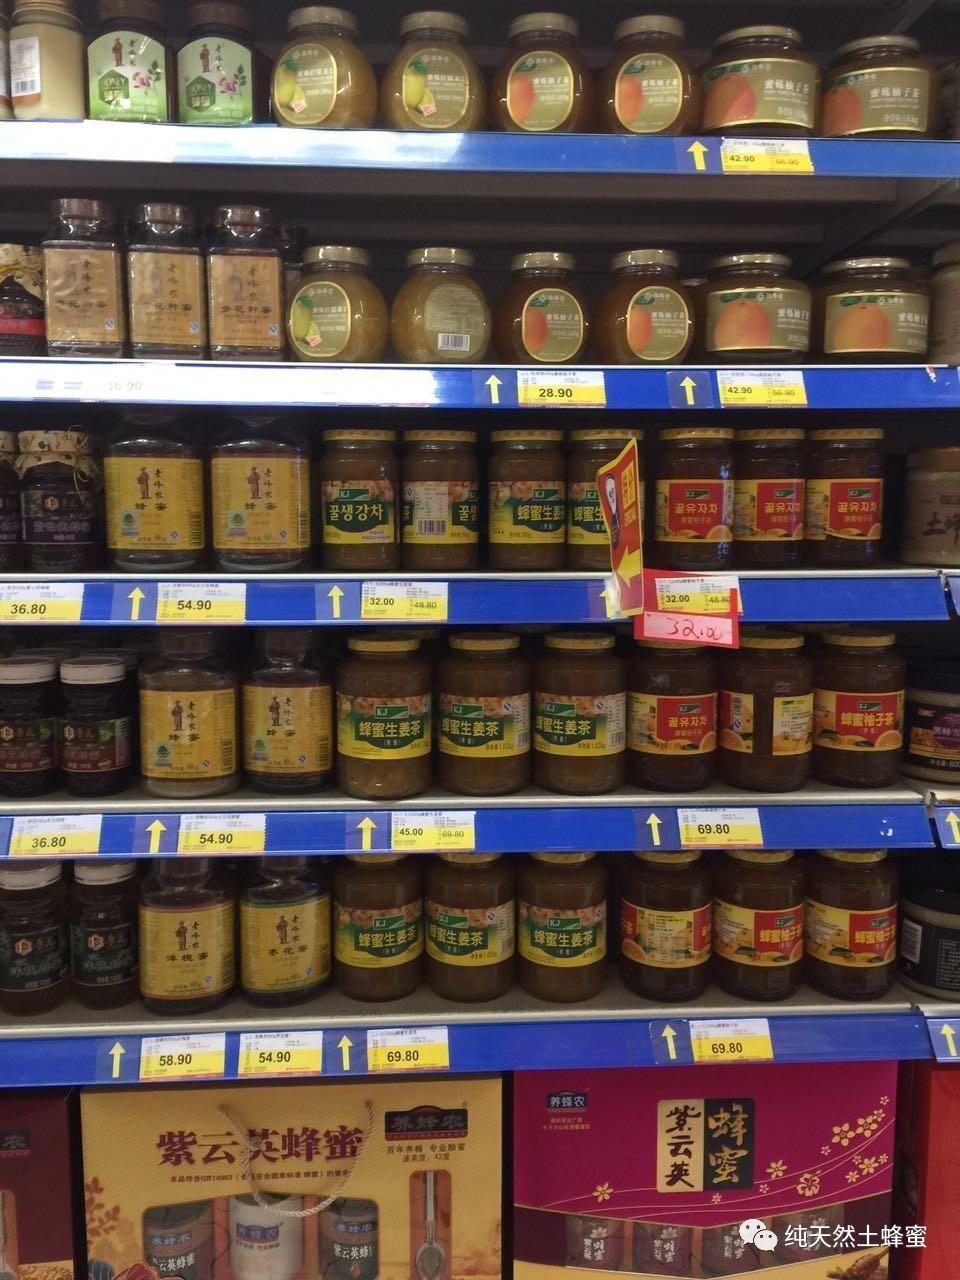 有痔疮可以喝蜂蜜吗 香格里拉的蜂蜜 蜂蜜和柠檬怎么做 结核病蜂蜜 蜂蜜生发